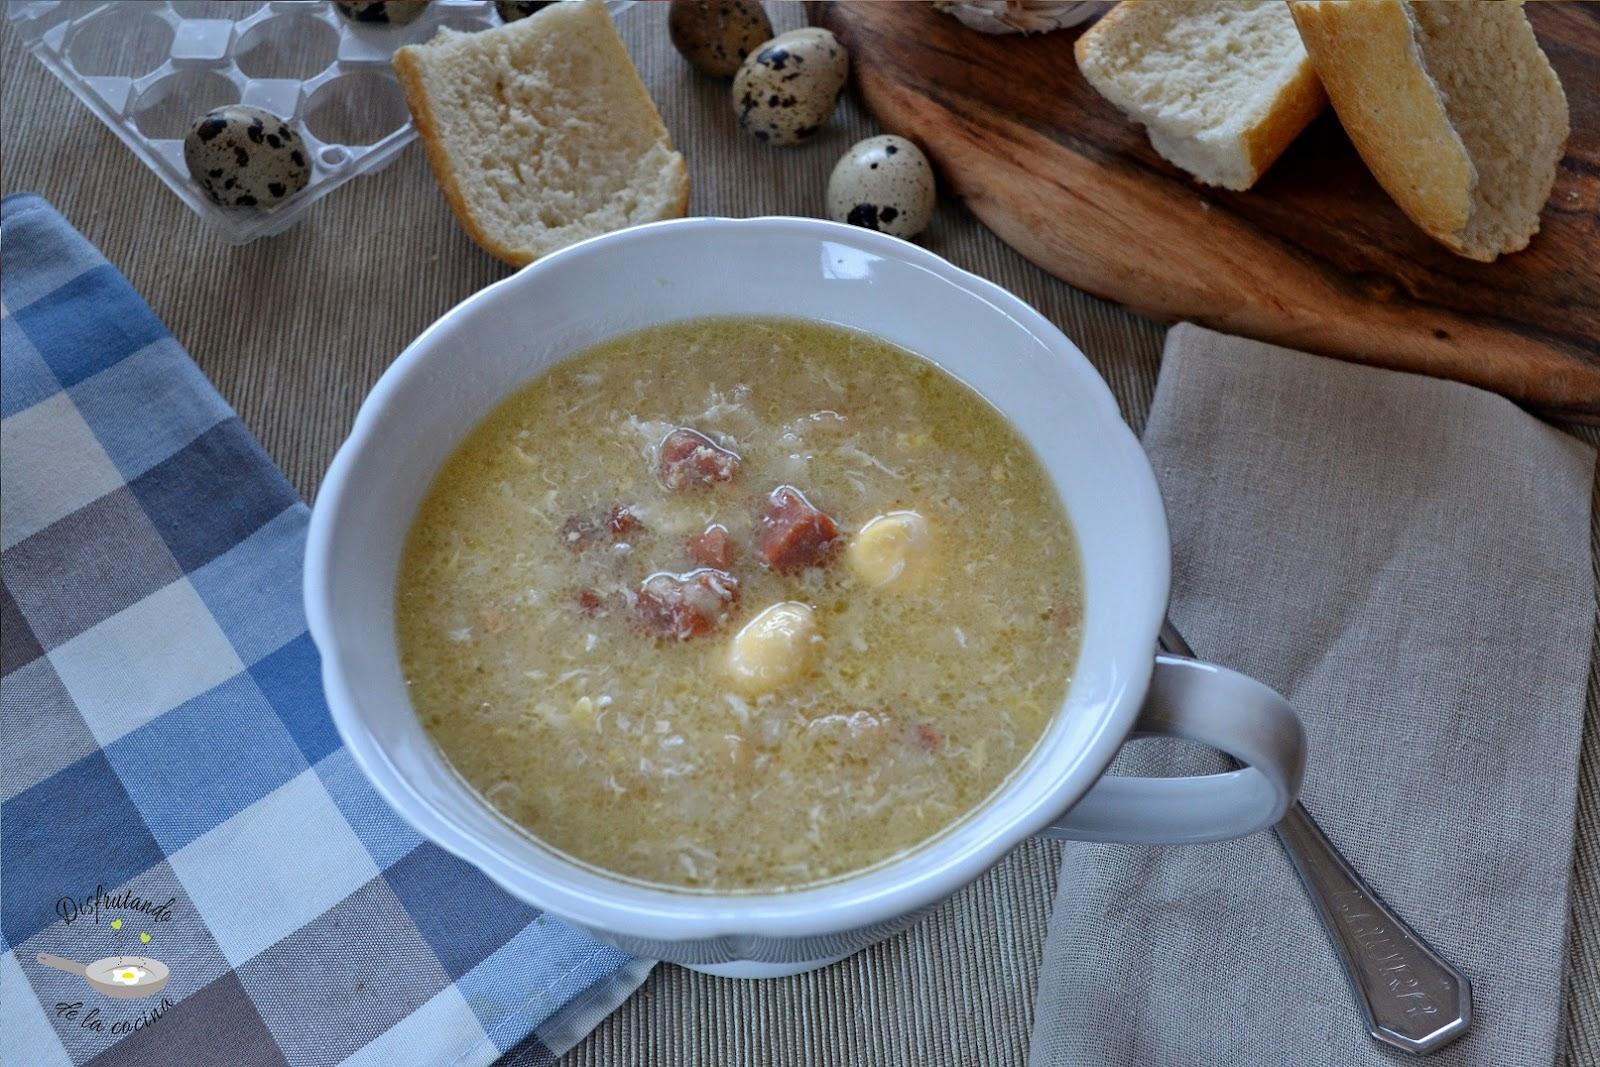 Disfrutando de la cocina - Sopa castellana youtube ...